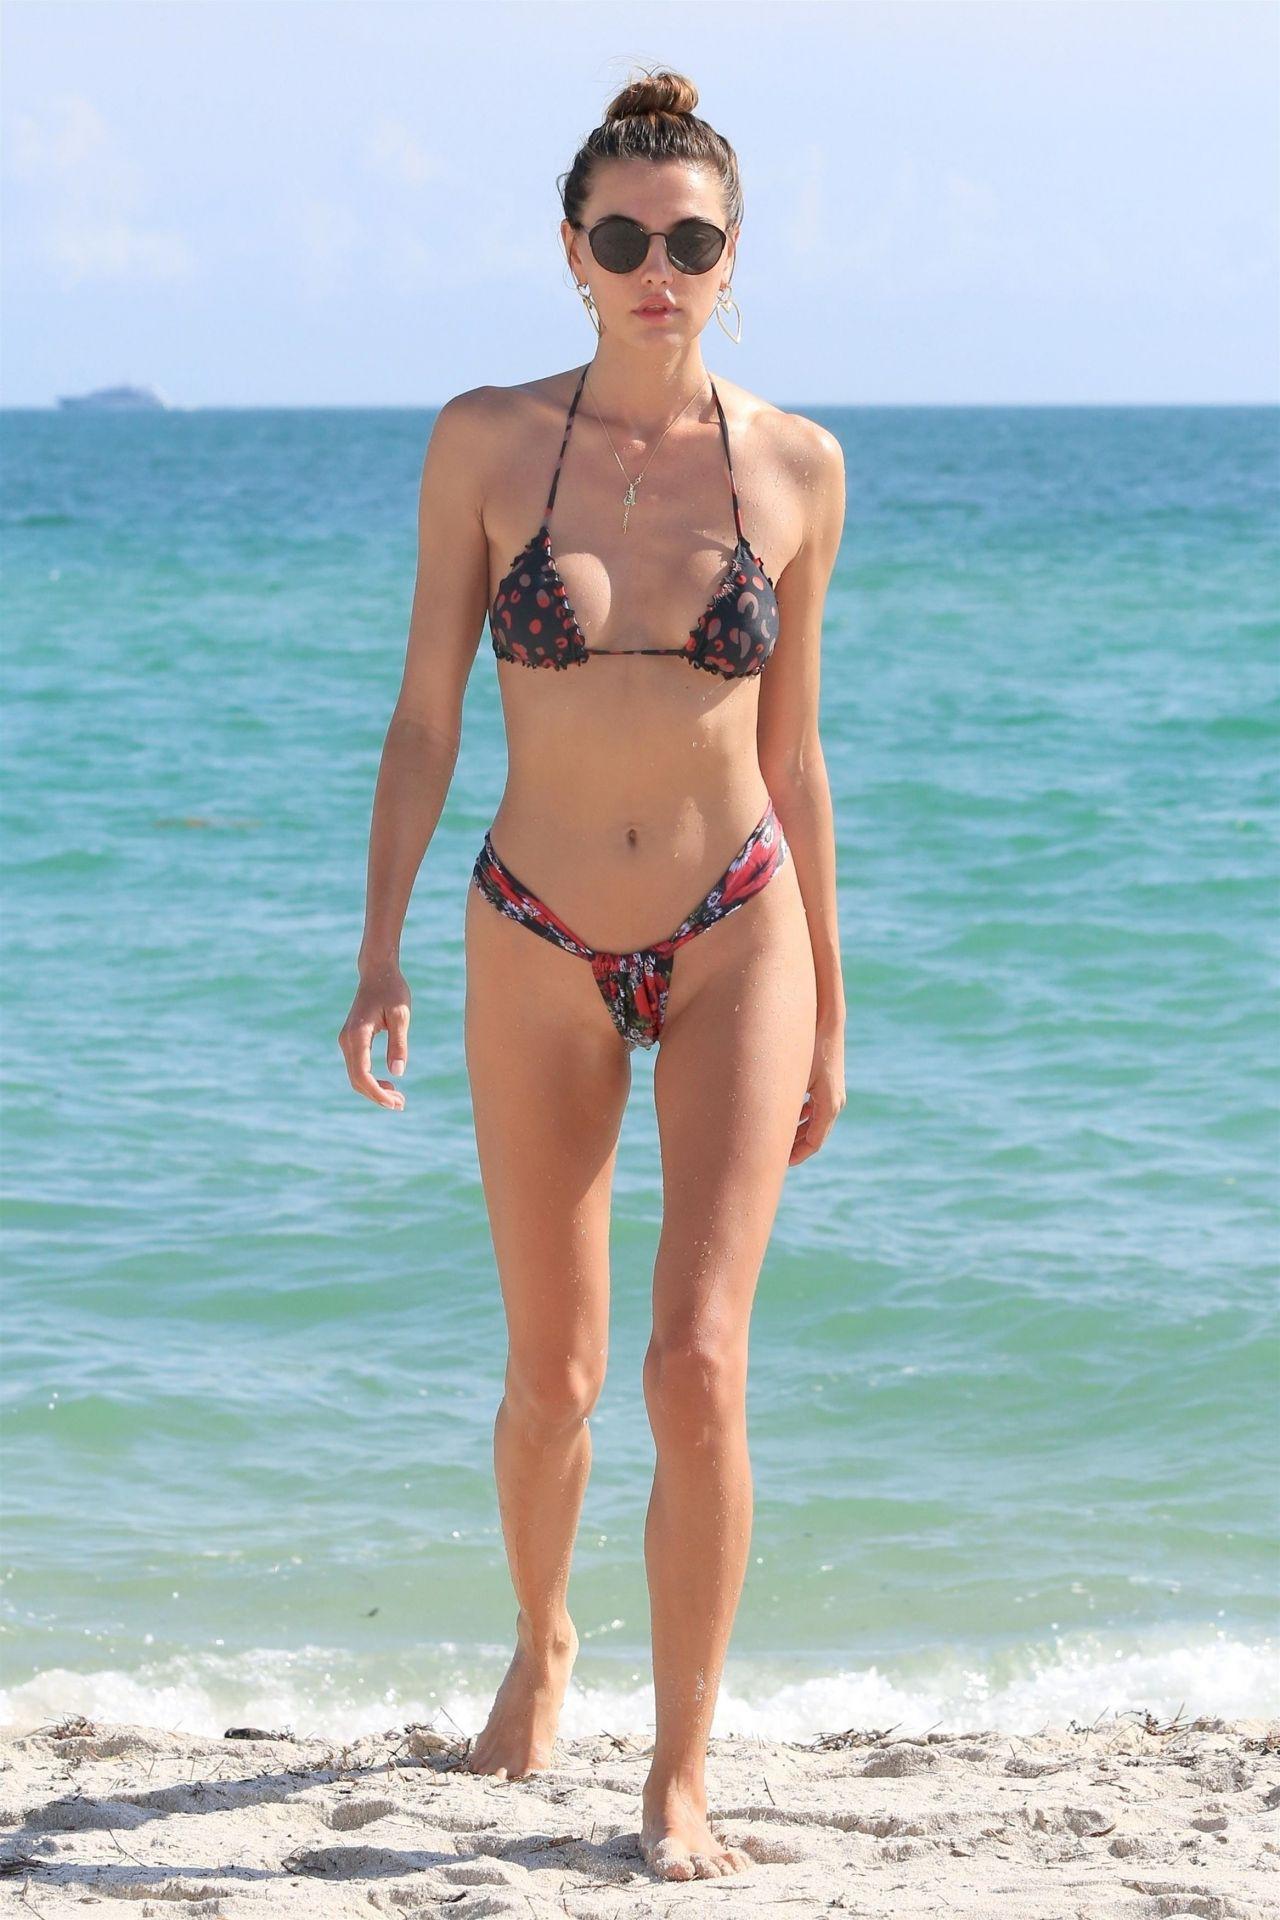 Bikini Alina naked (15 photos), Tits, Leaked, Feet, butt 2006